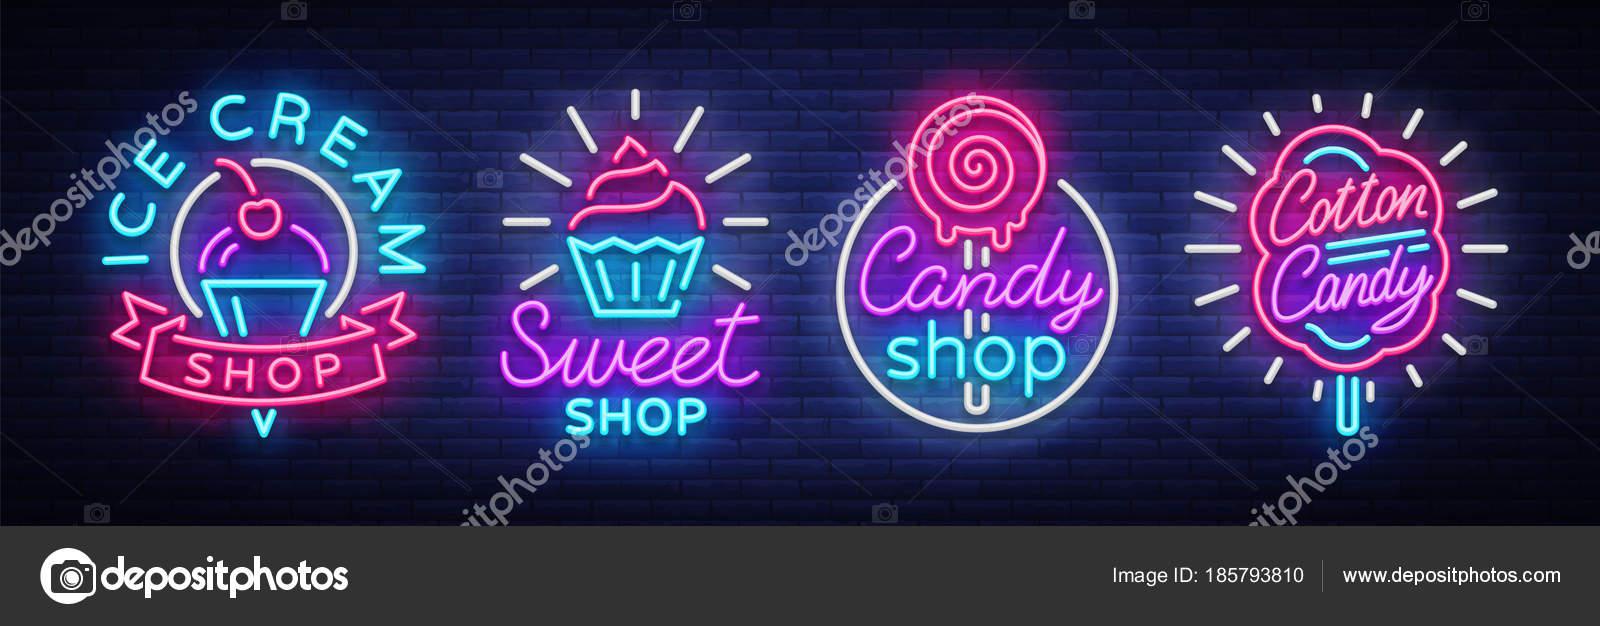 tienda de dulces es logos de la colecci n de estilo de la ne n tienda de helados algod n de. Black Bedroom Furniture Sets. Home Design Ideas